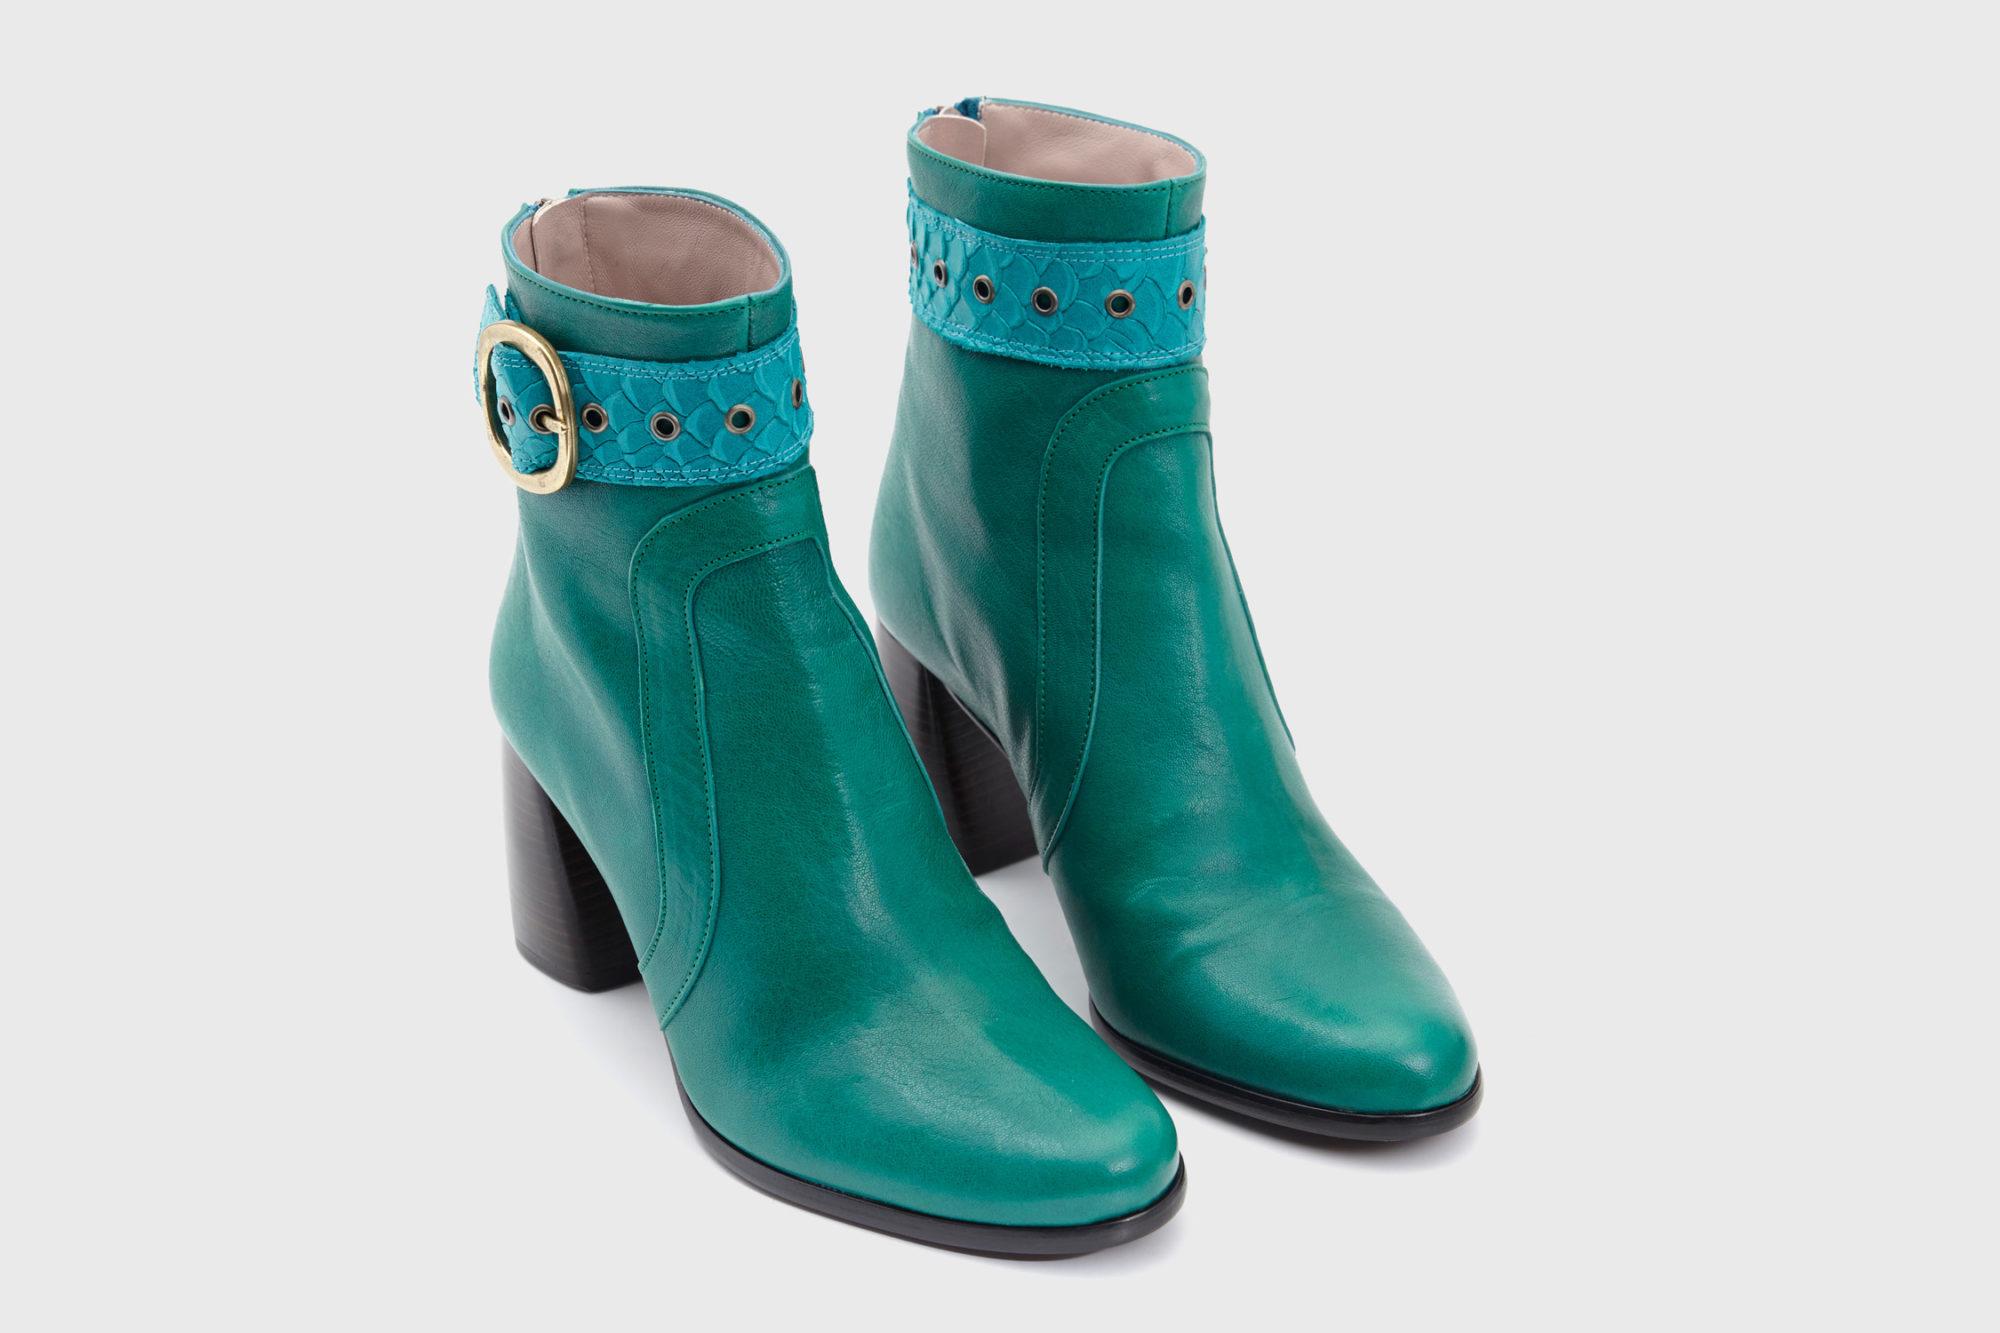 Dorotea botín de tacón alto Norah verde fw18 par